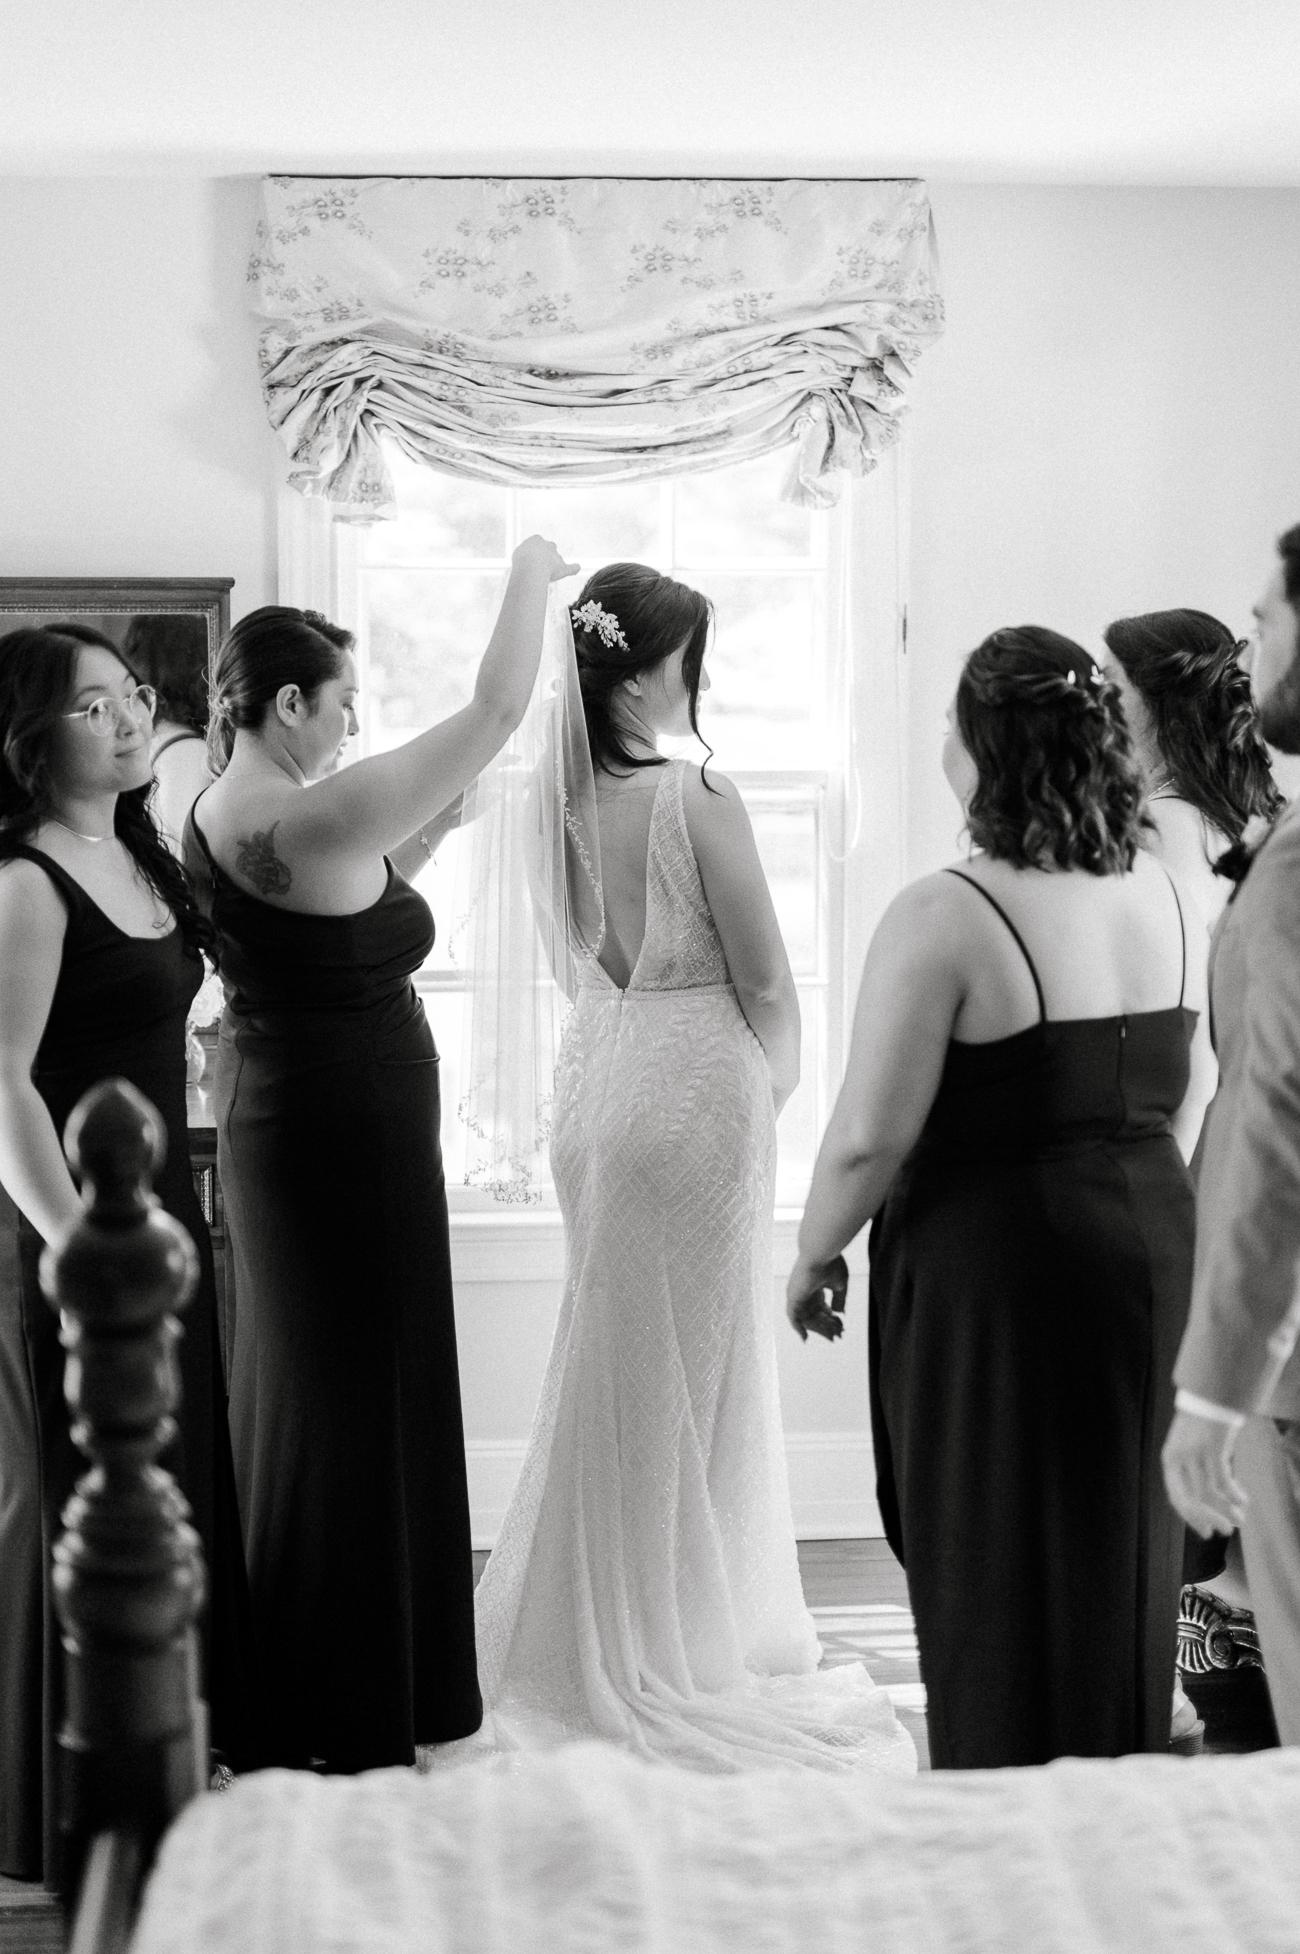 Sarah's cousins helping with veil